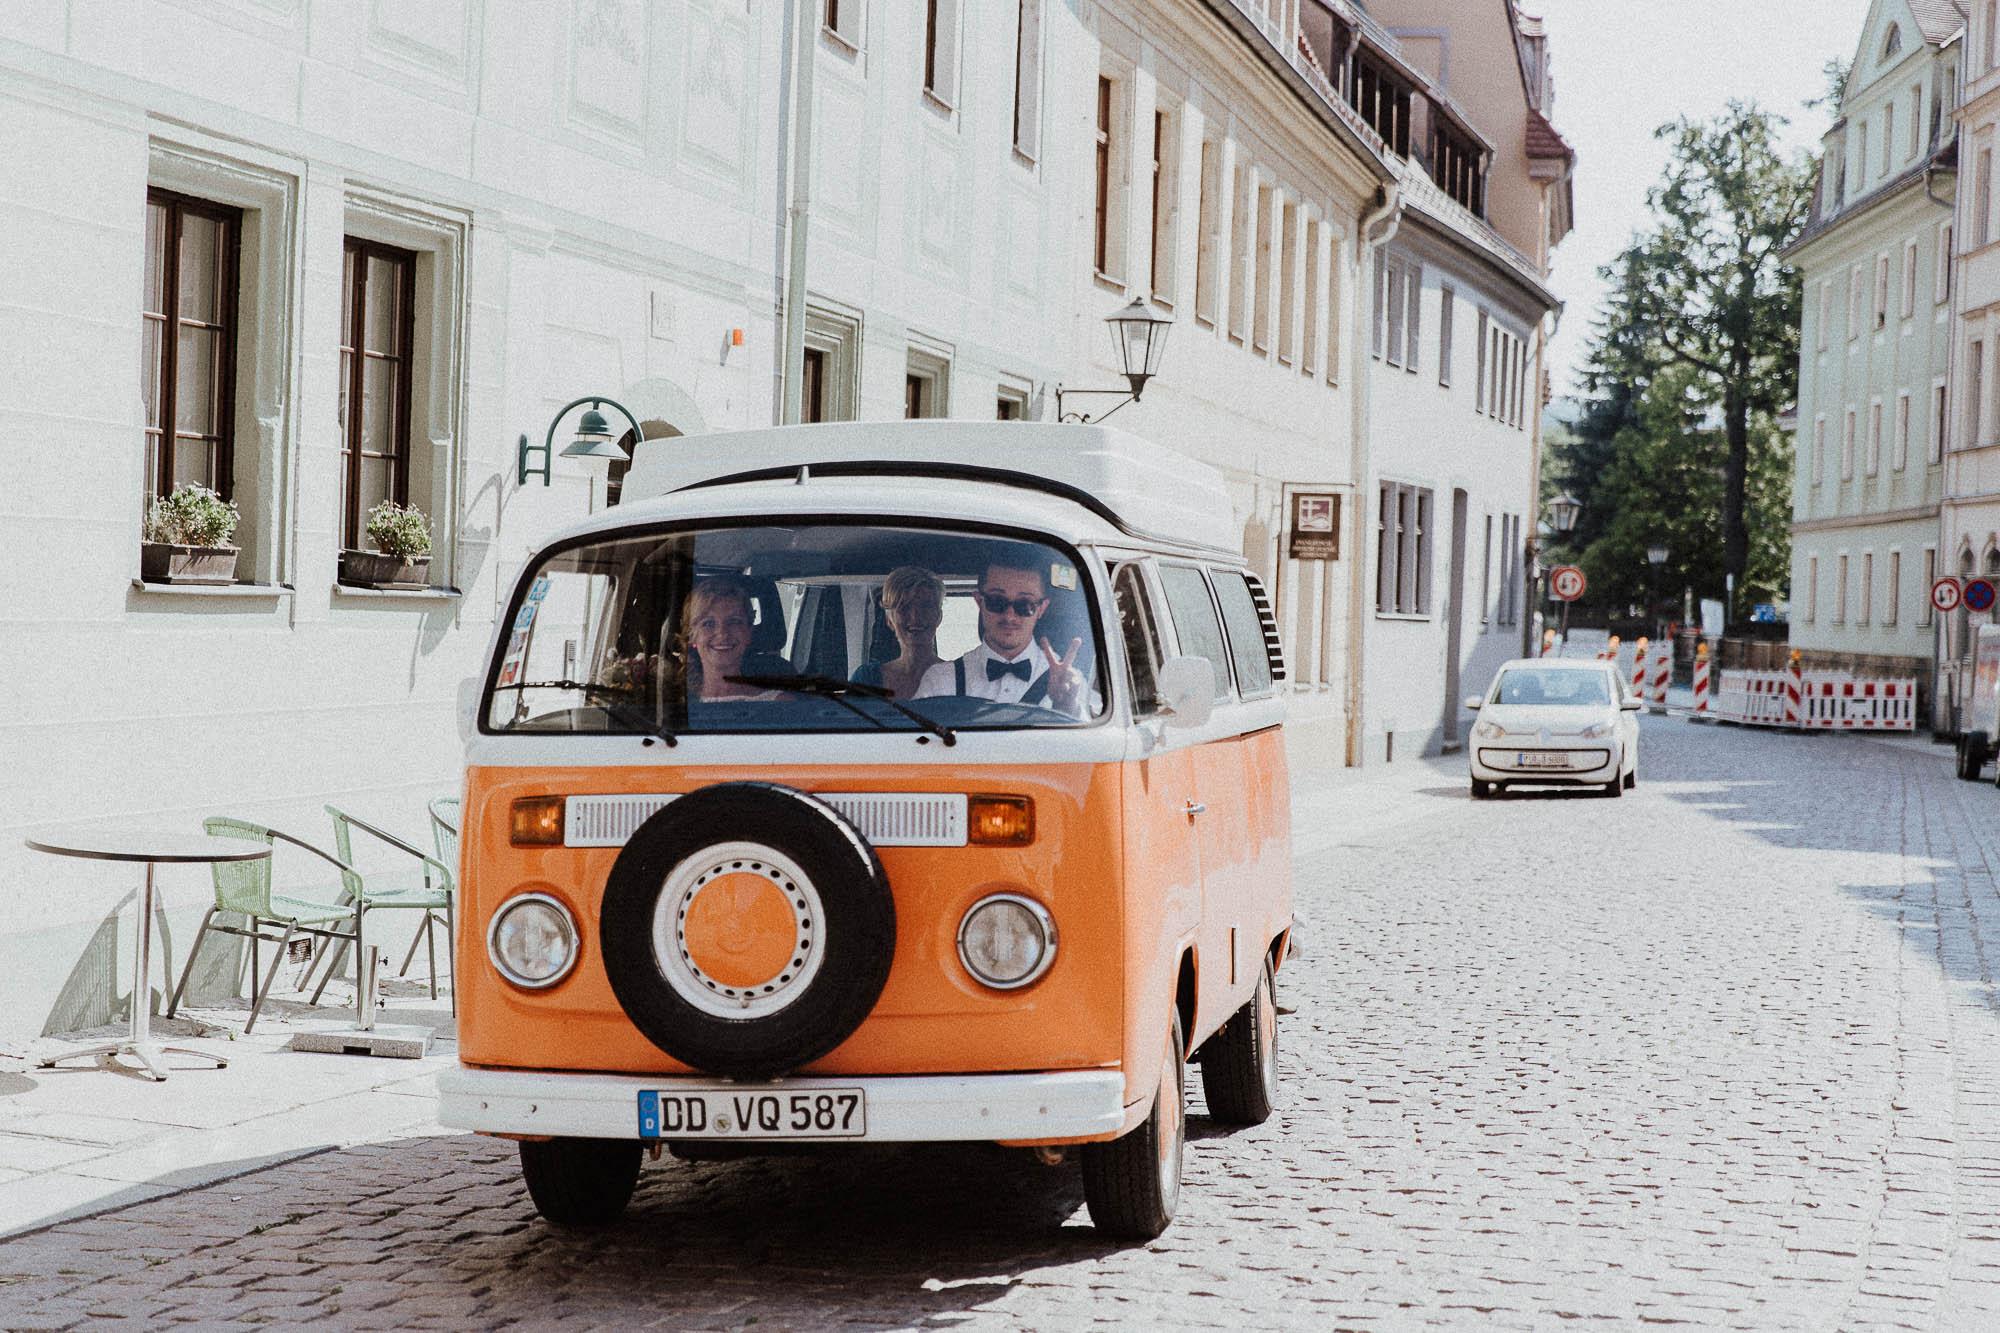 Gezeigt wird ein VW Bulli in Orange, in dem ein Hochzeitspaar sitzt.